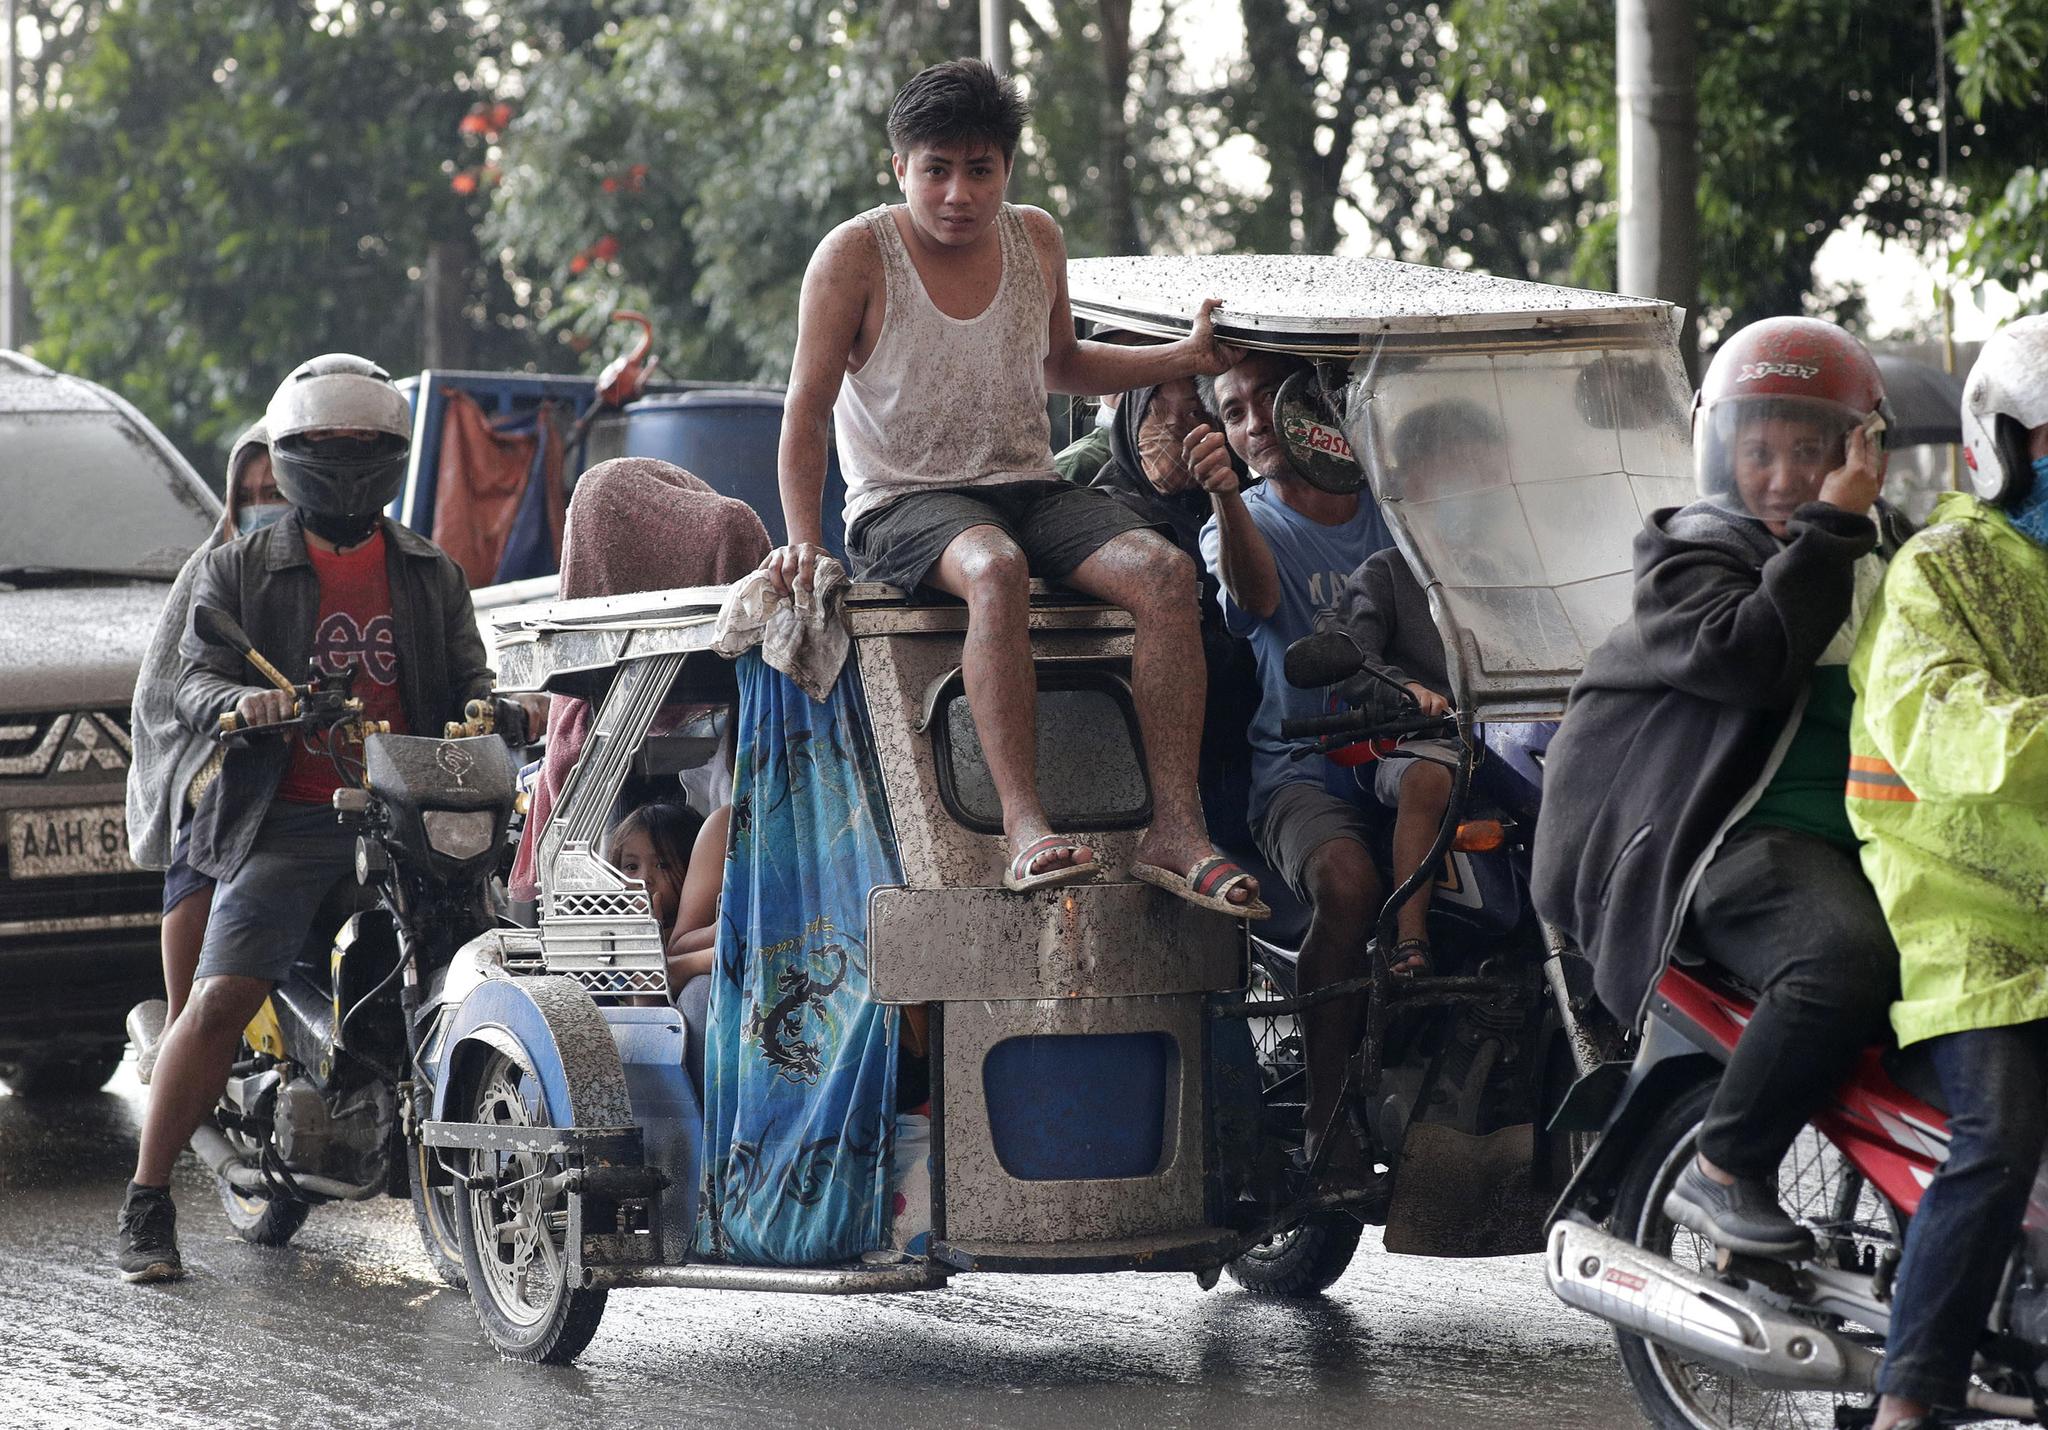 12일(현지시간) 필리핀 따가이따이 인근 지역의 따알 화산이 재를 내 뿜고 있는 가운데 주민들이 대피하고 있다. [AP=연합뉴스]